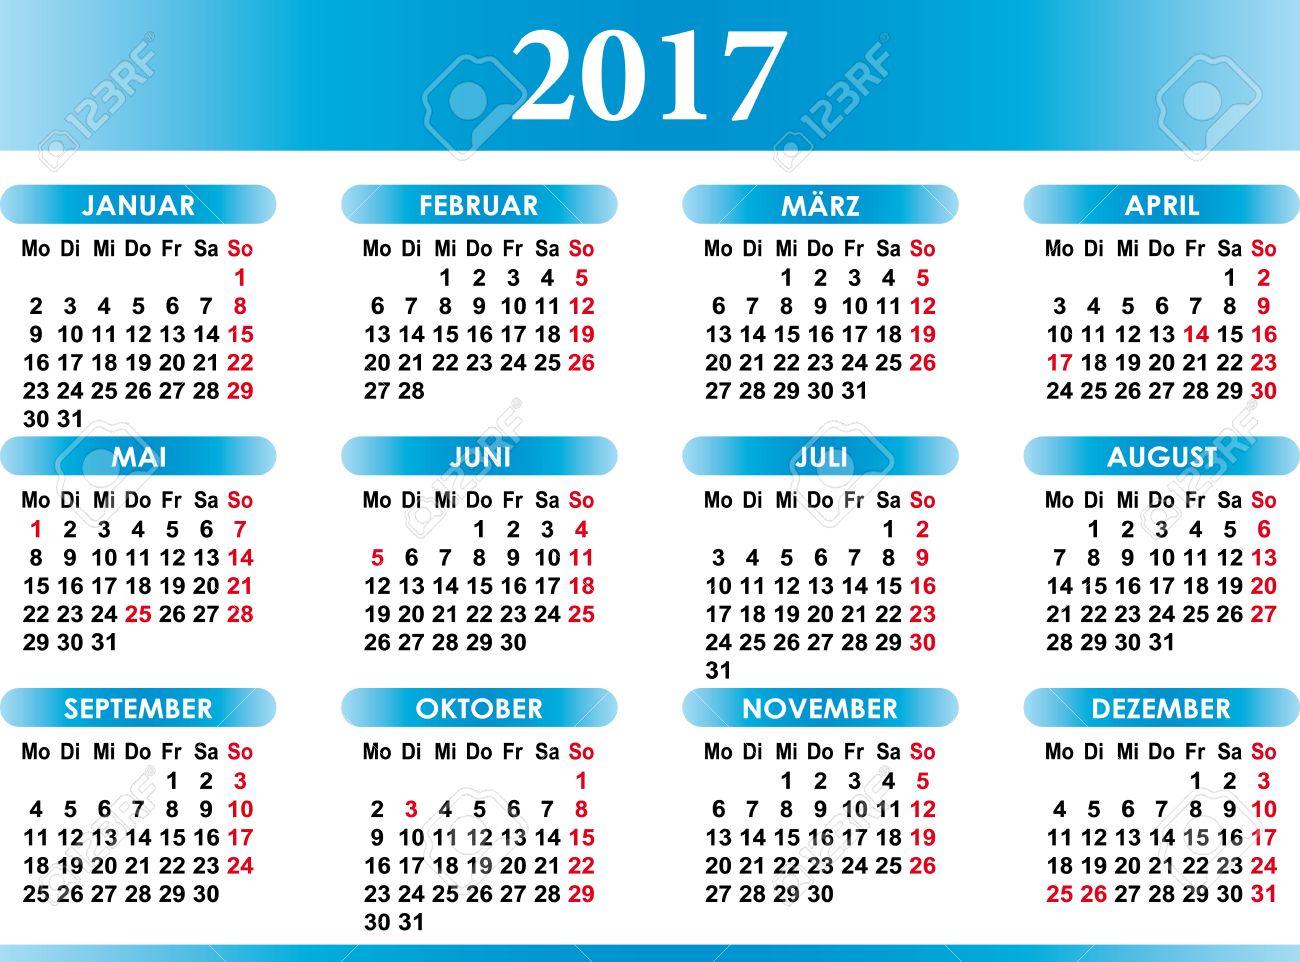 Kakeltrender 2017